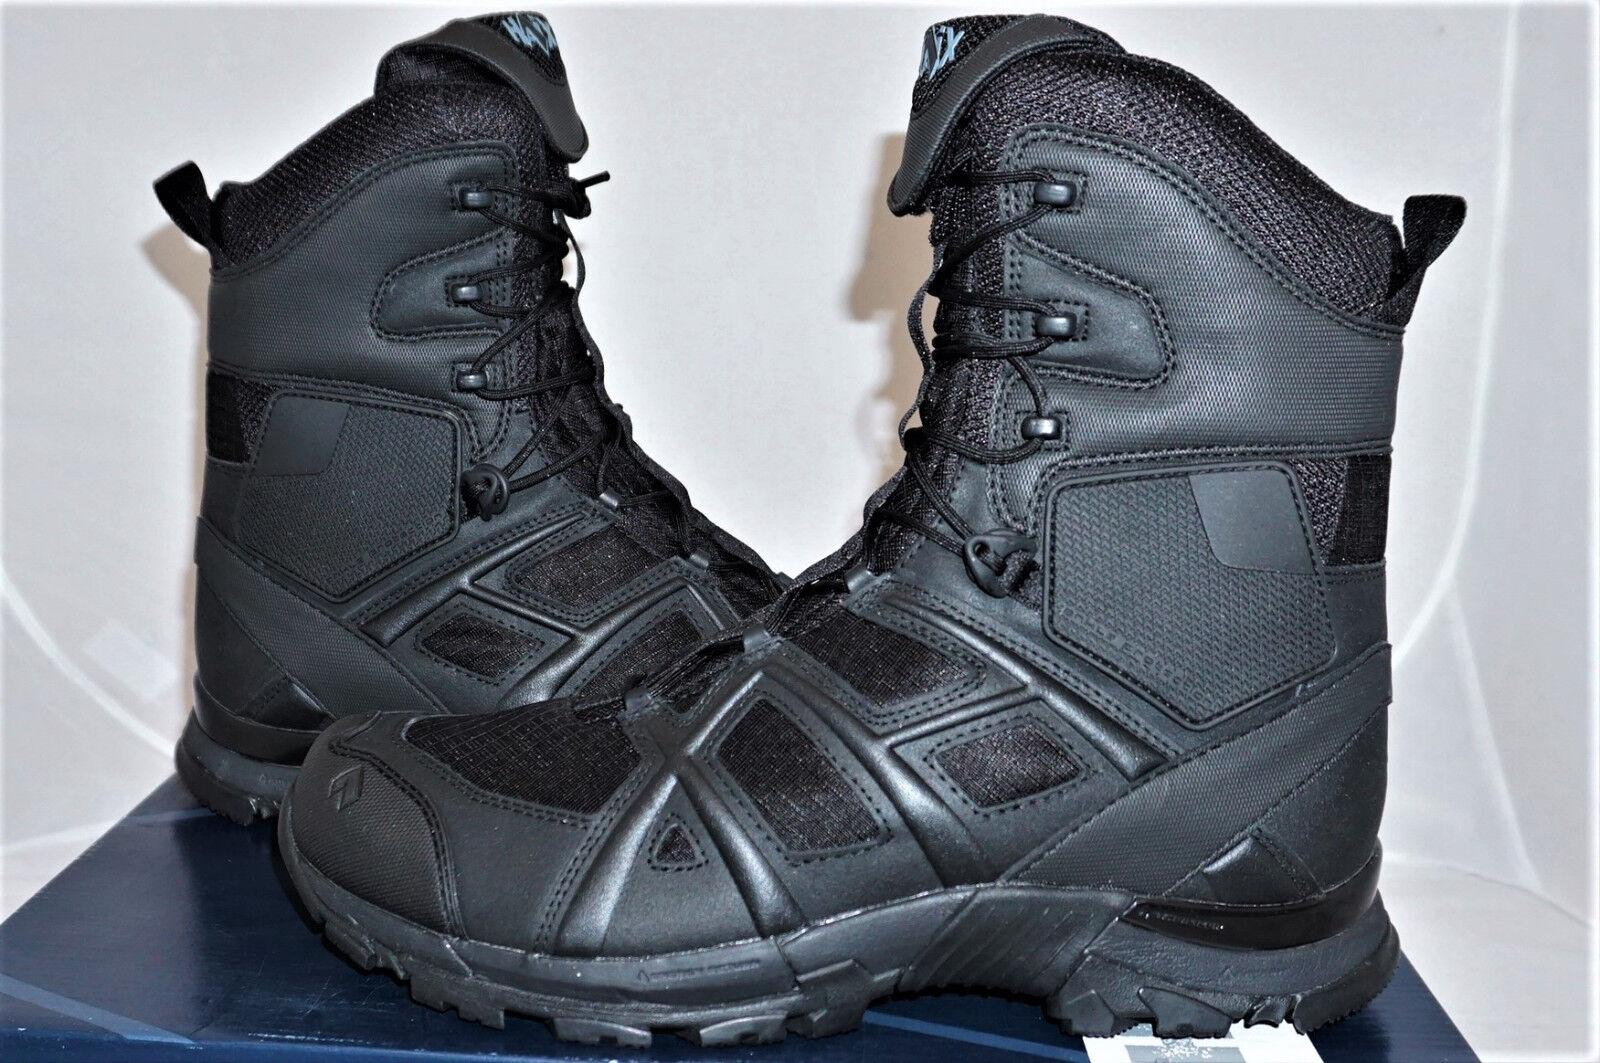 HAIX negro Eagle athletic 11 high f UE 37 us 5,5 botas de combate  nuevo